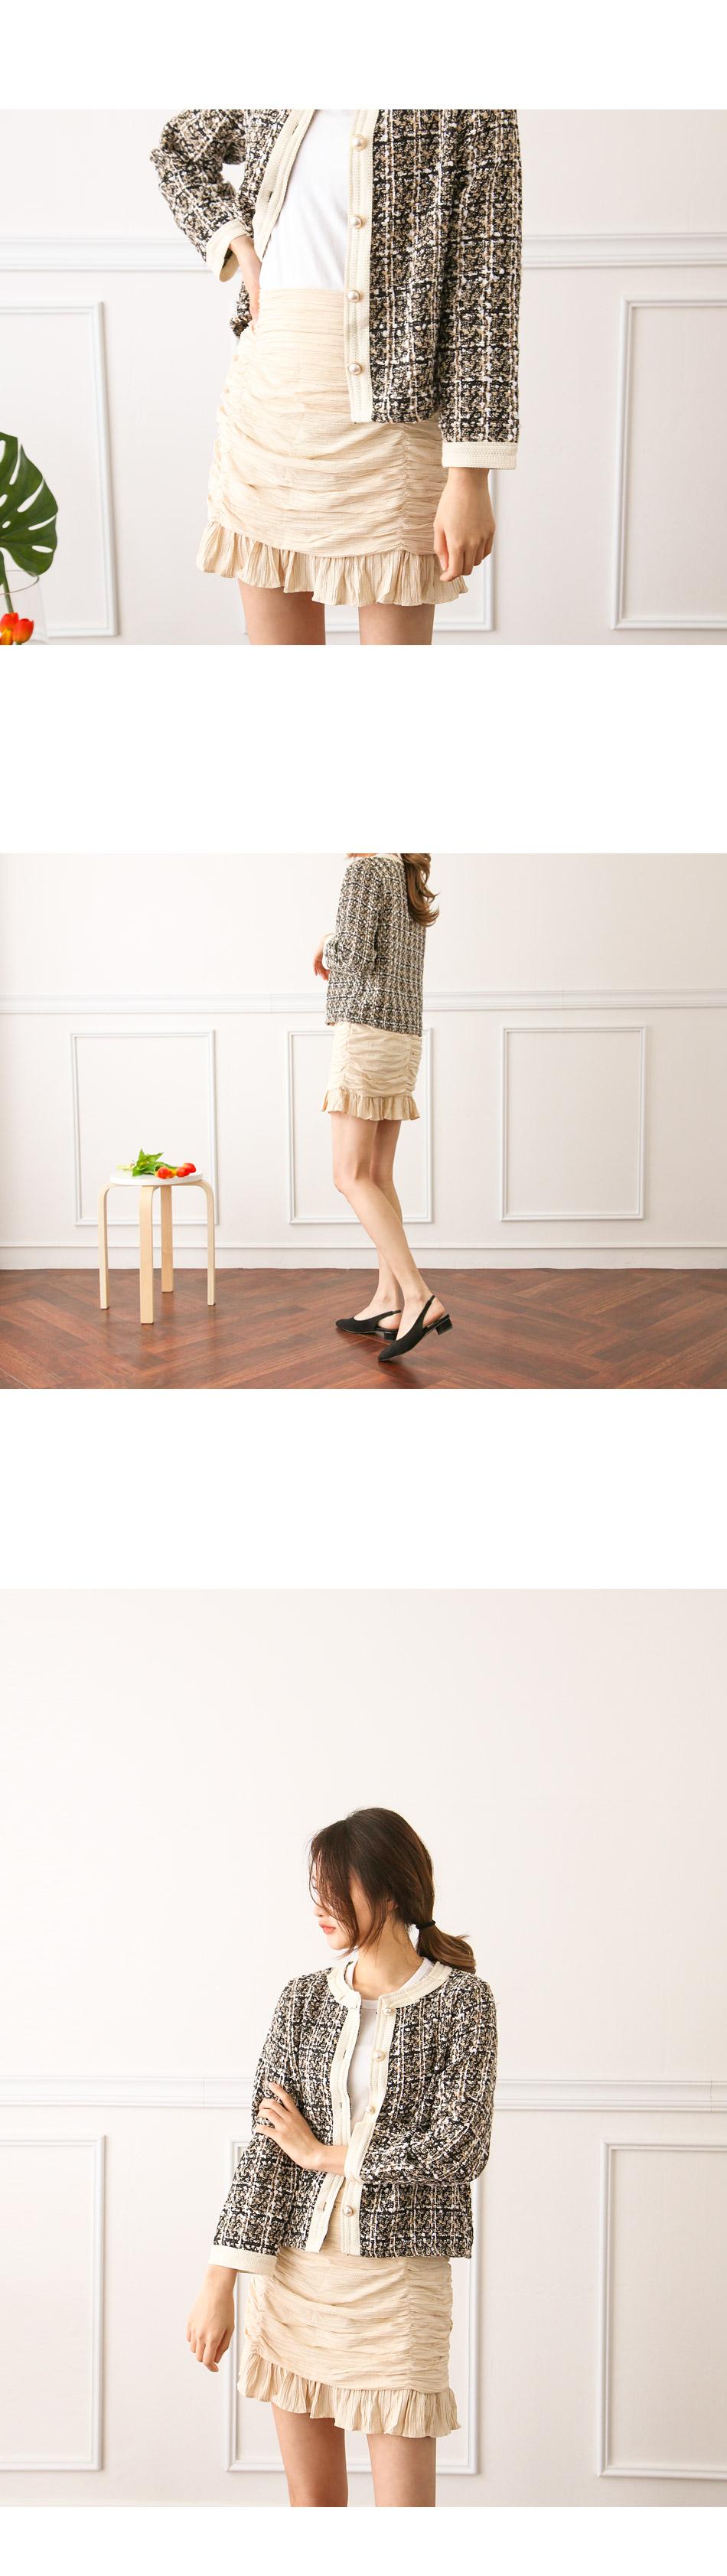 Juliet shearing skirt